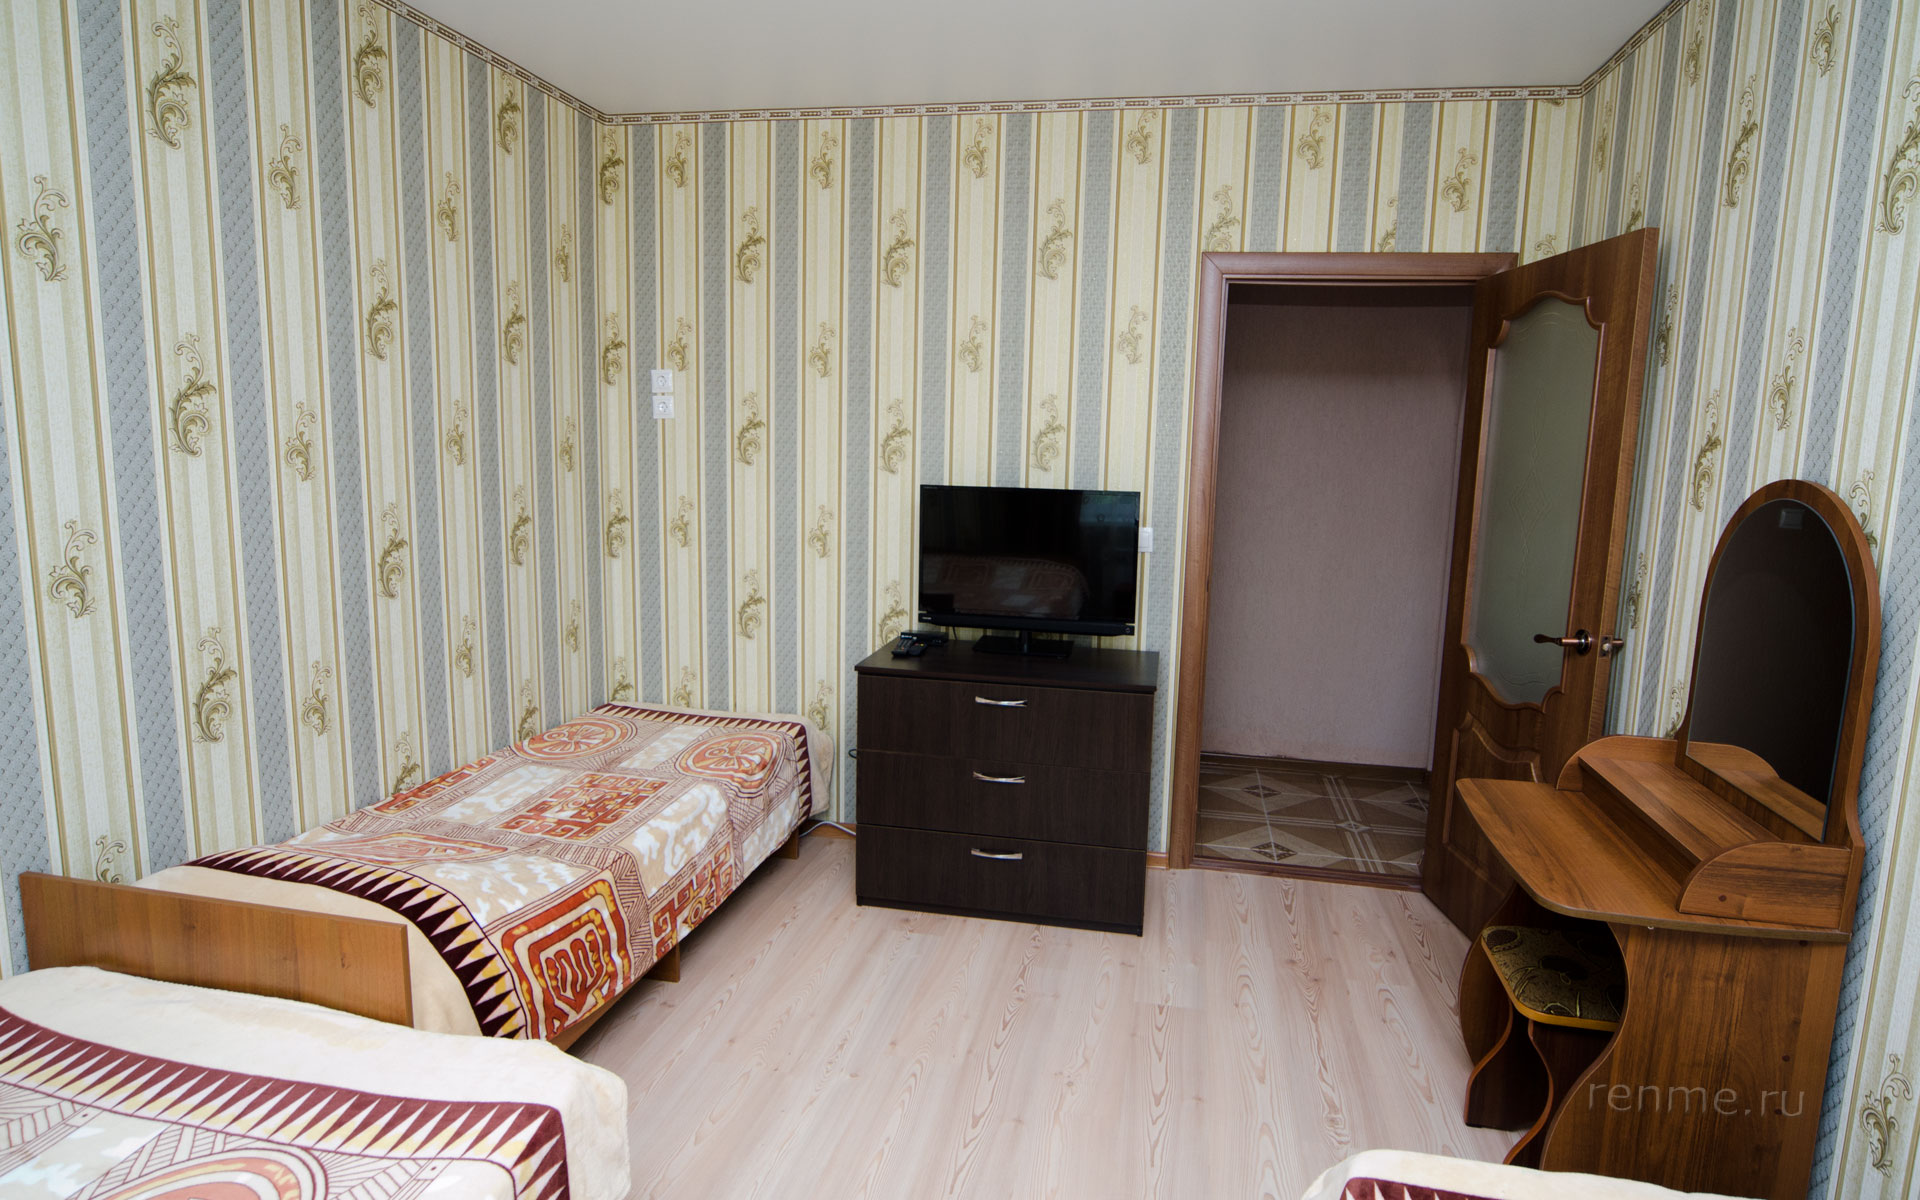 Комната. Двухкомнатная квартира-студия на первом этаже. Апарт-отель на ул. Гайдара. Заозёрное